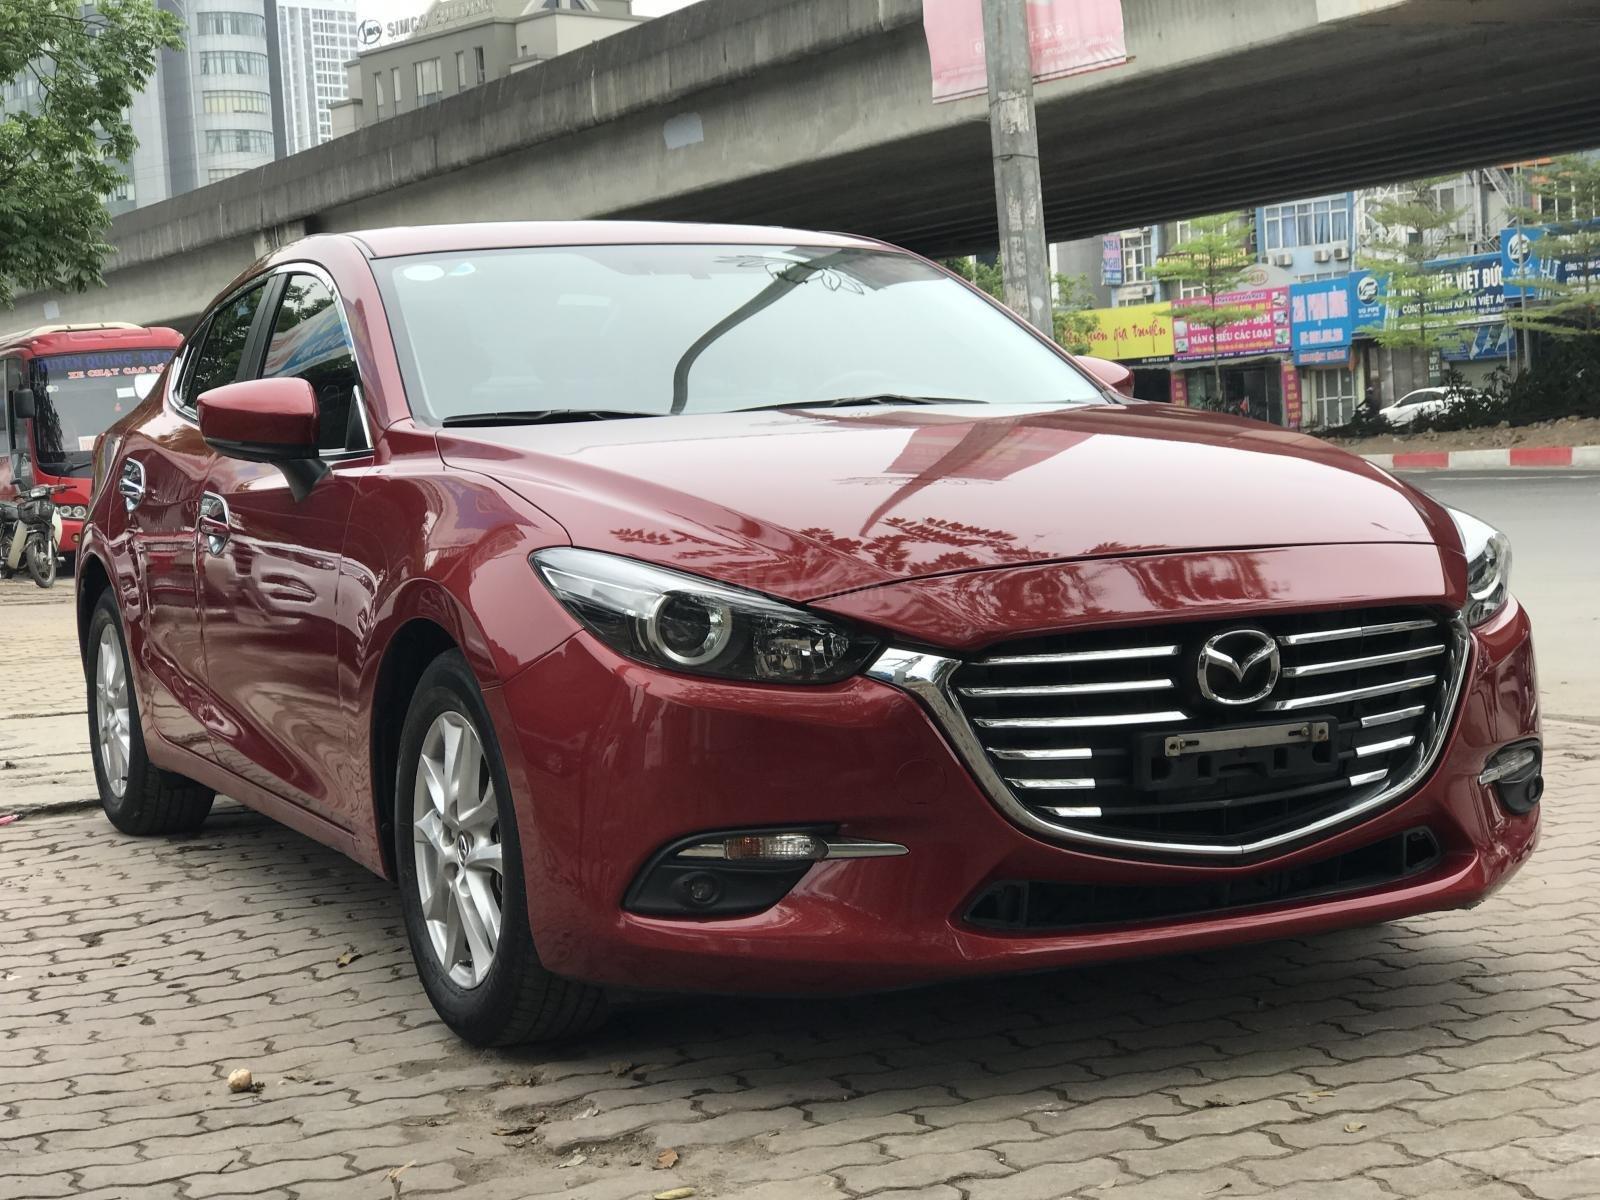 Bán xe Mazda 3 1.5 Facelift đời 2017, màu đỏ-1